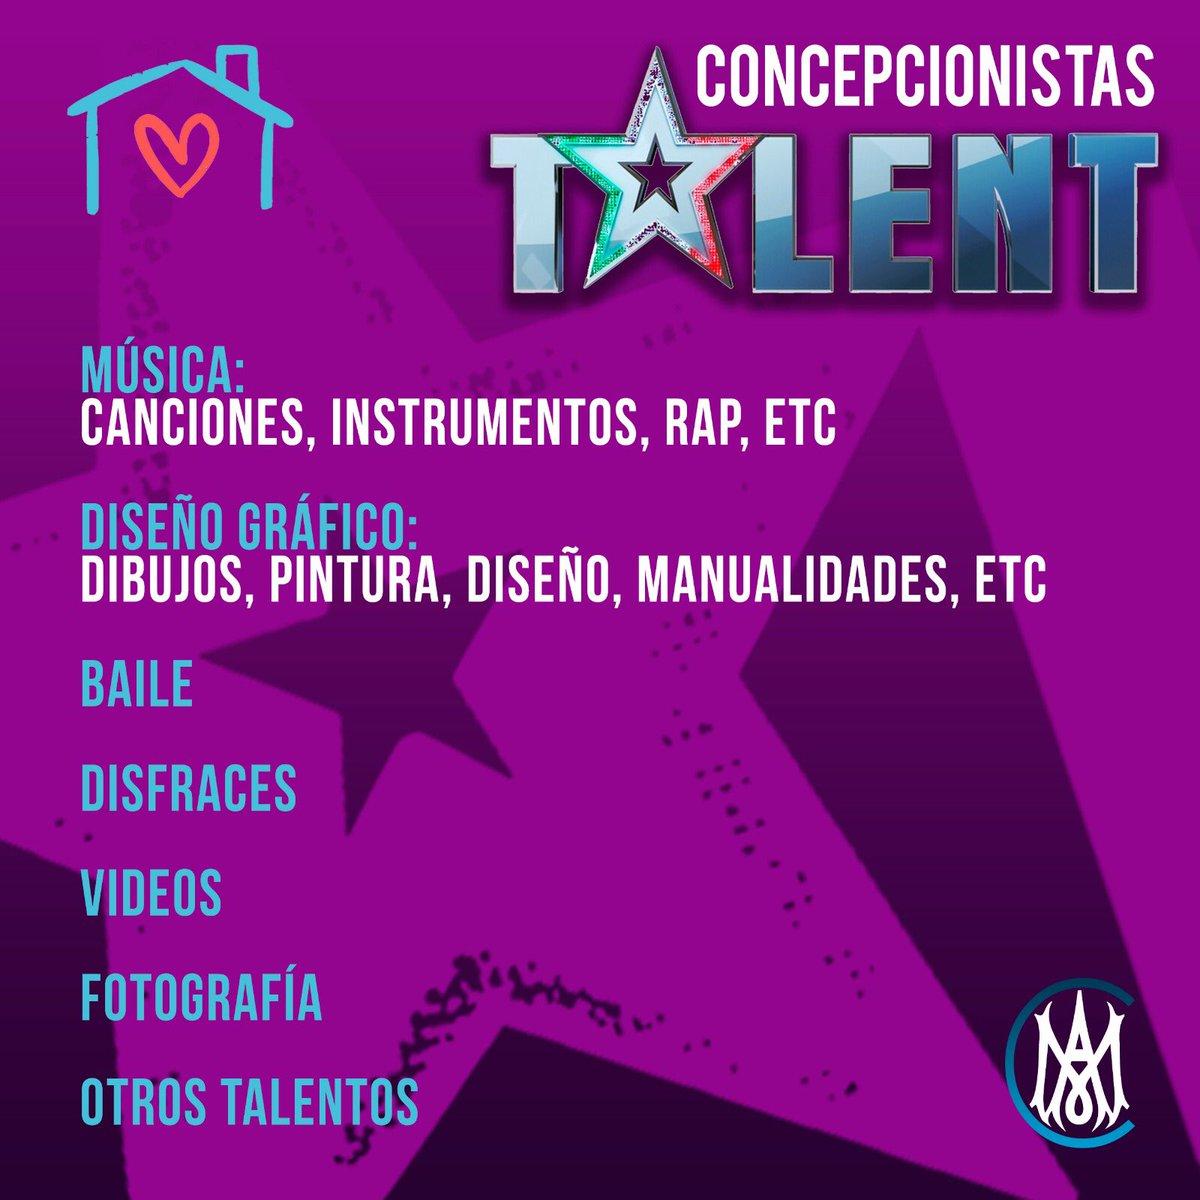 El Colegio de las Concepcionistas de Ponferrada convoca un concurso de talentos entre sus alumnos 2